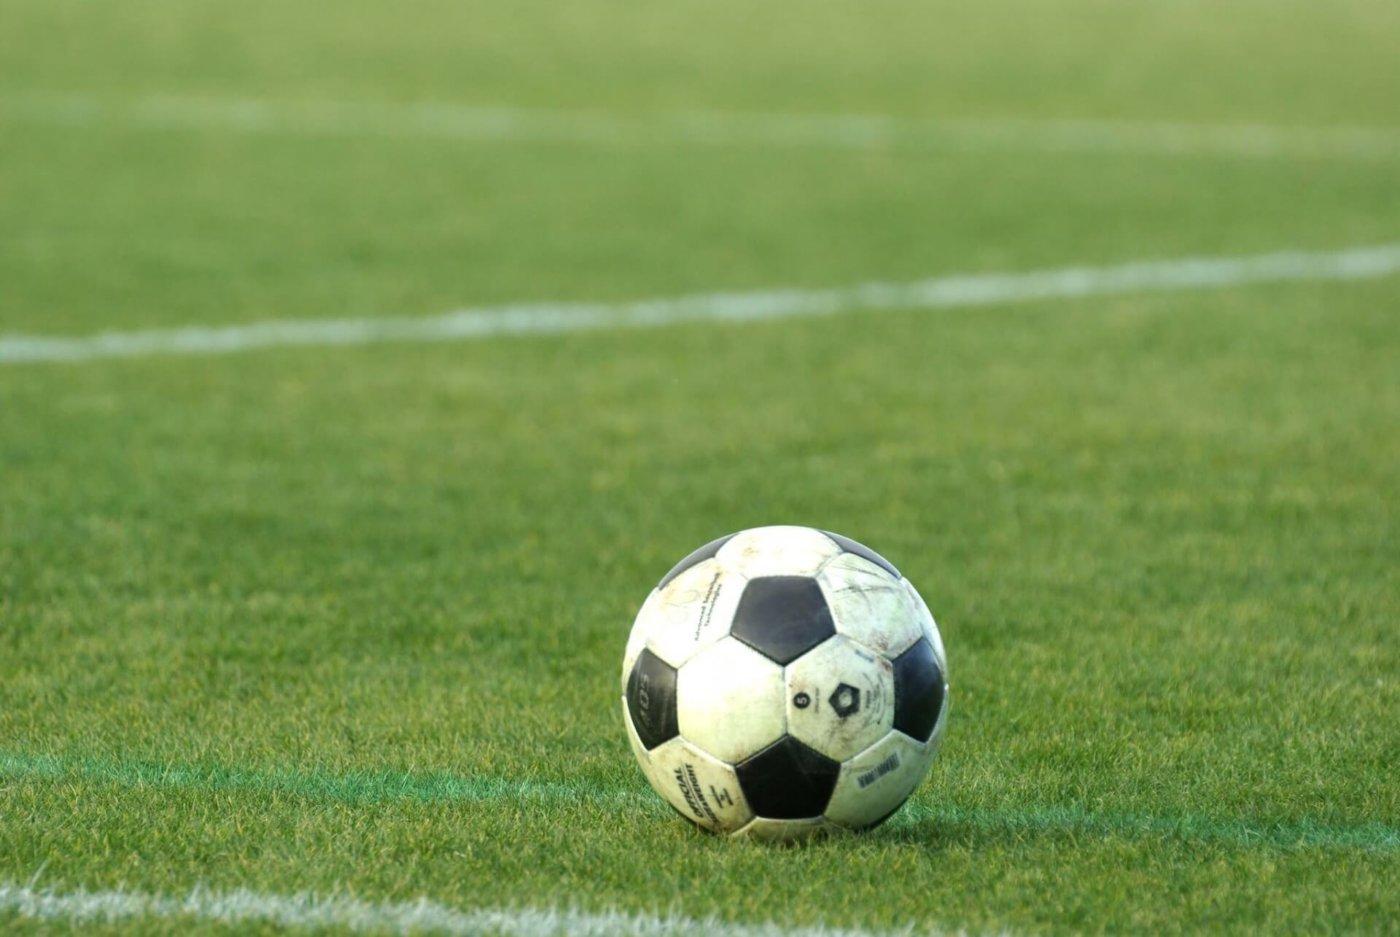 感動、涙、そして笑い…。サッカー選手の名言が広く愛される理由